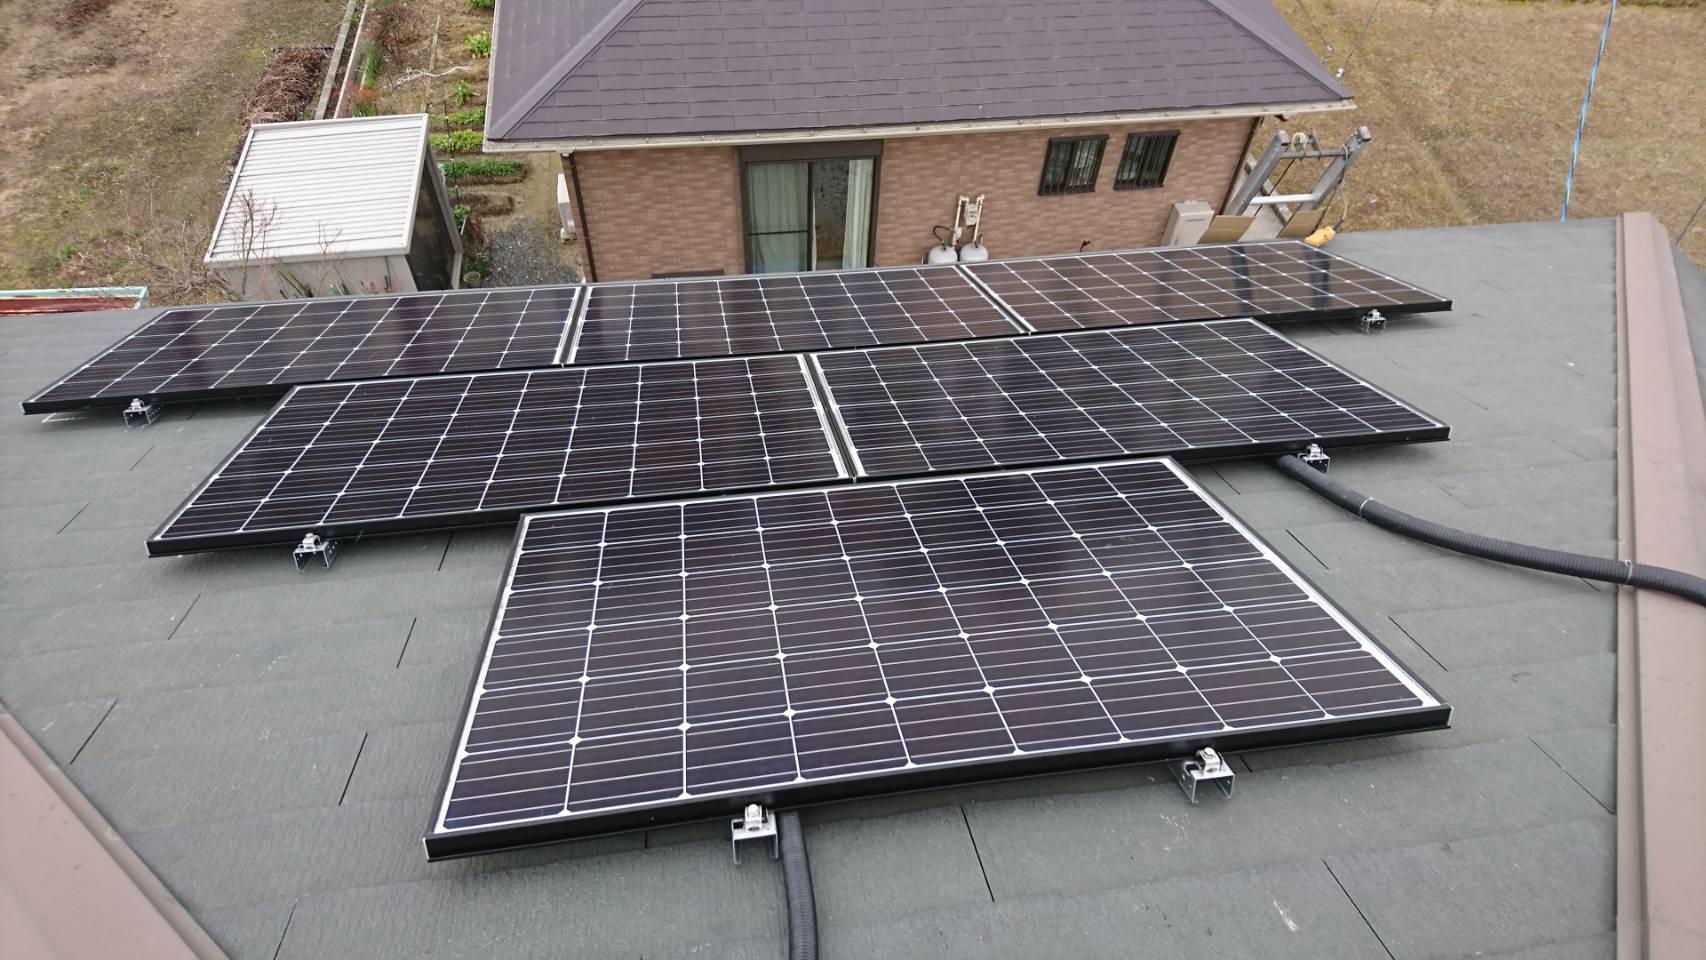 京都府長州産業太陽光発電CS-274B61施工後の写真